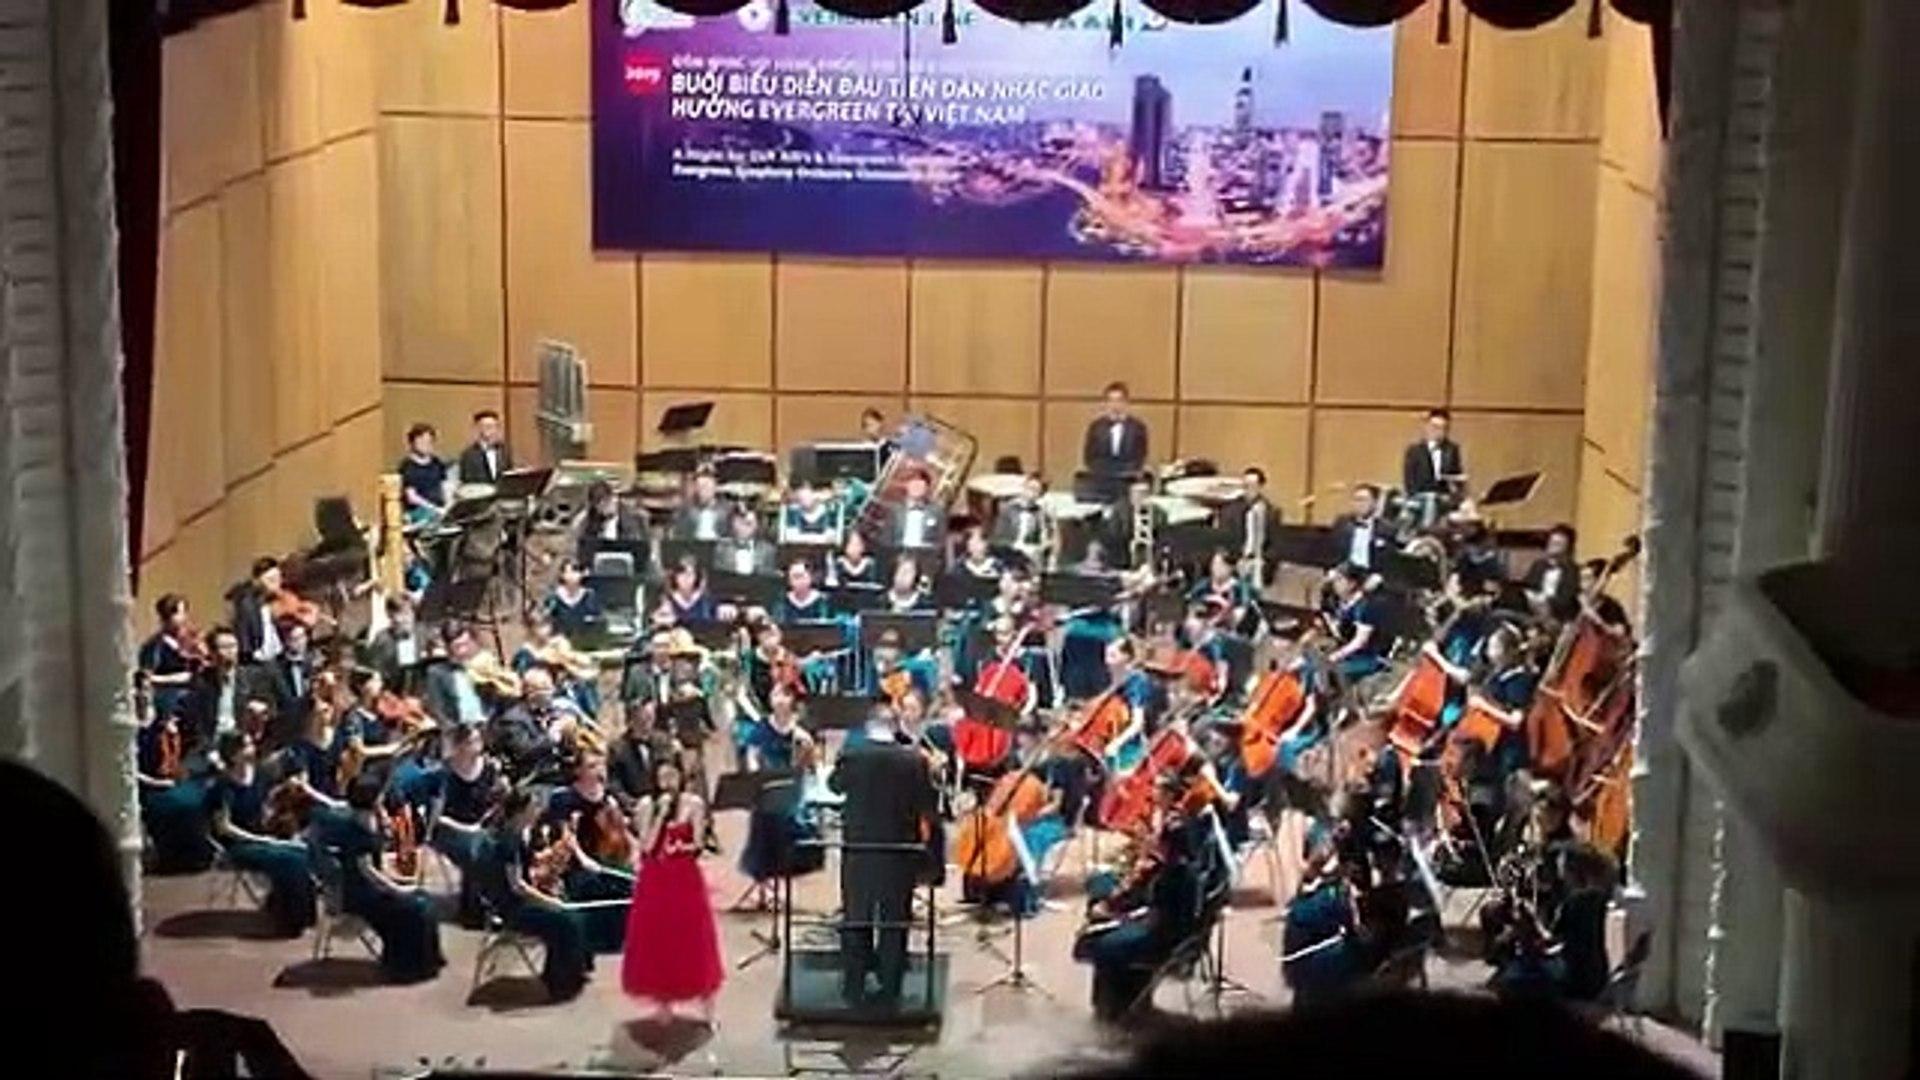 Mashup Vì ai vì anh - Xin Anh Đừng - Đông Nhi hát cùng dàn nhạc giao hưởng EverGreen 11-09-2019